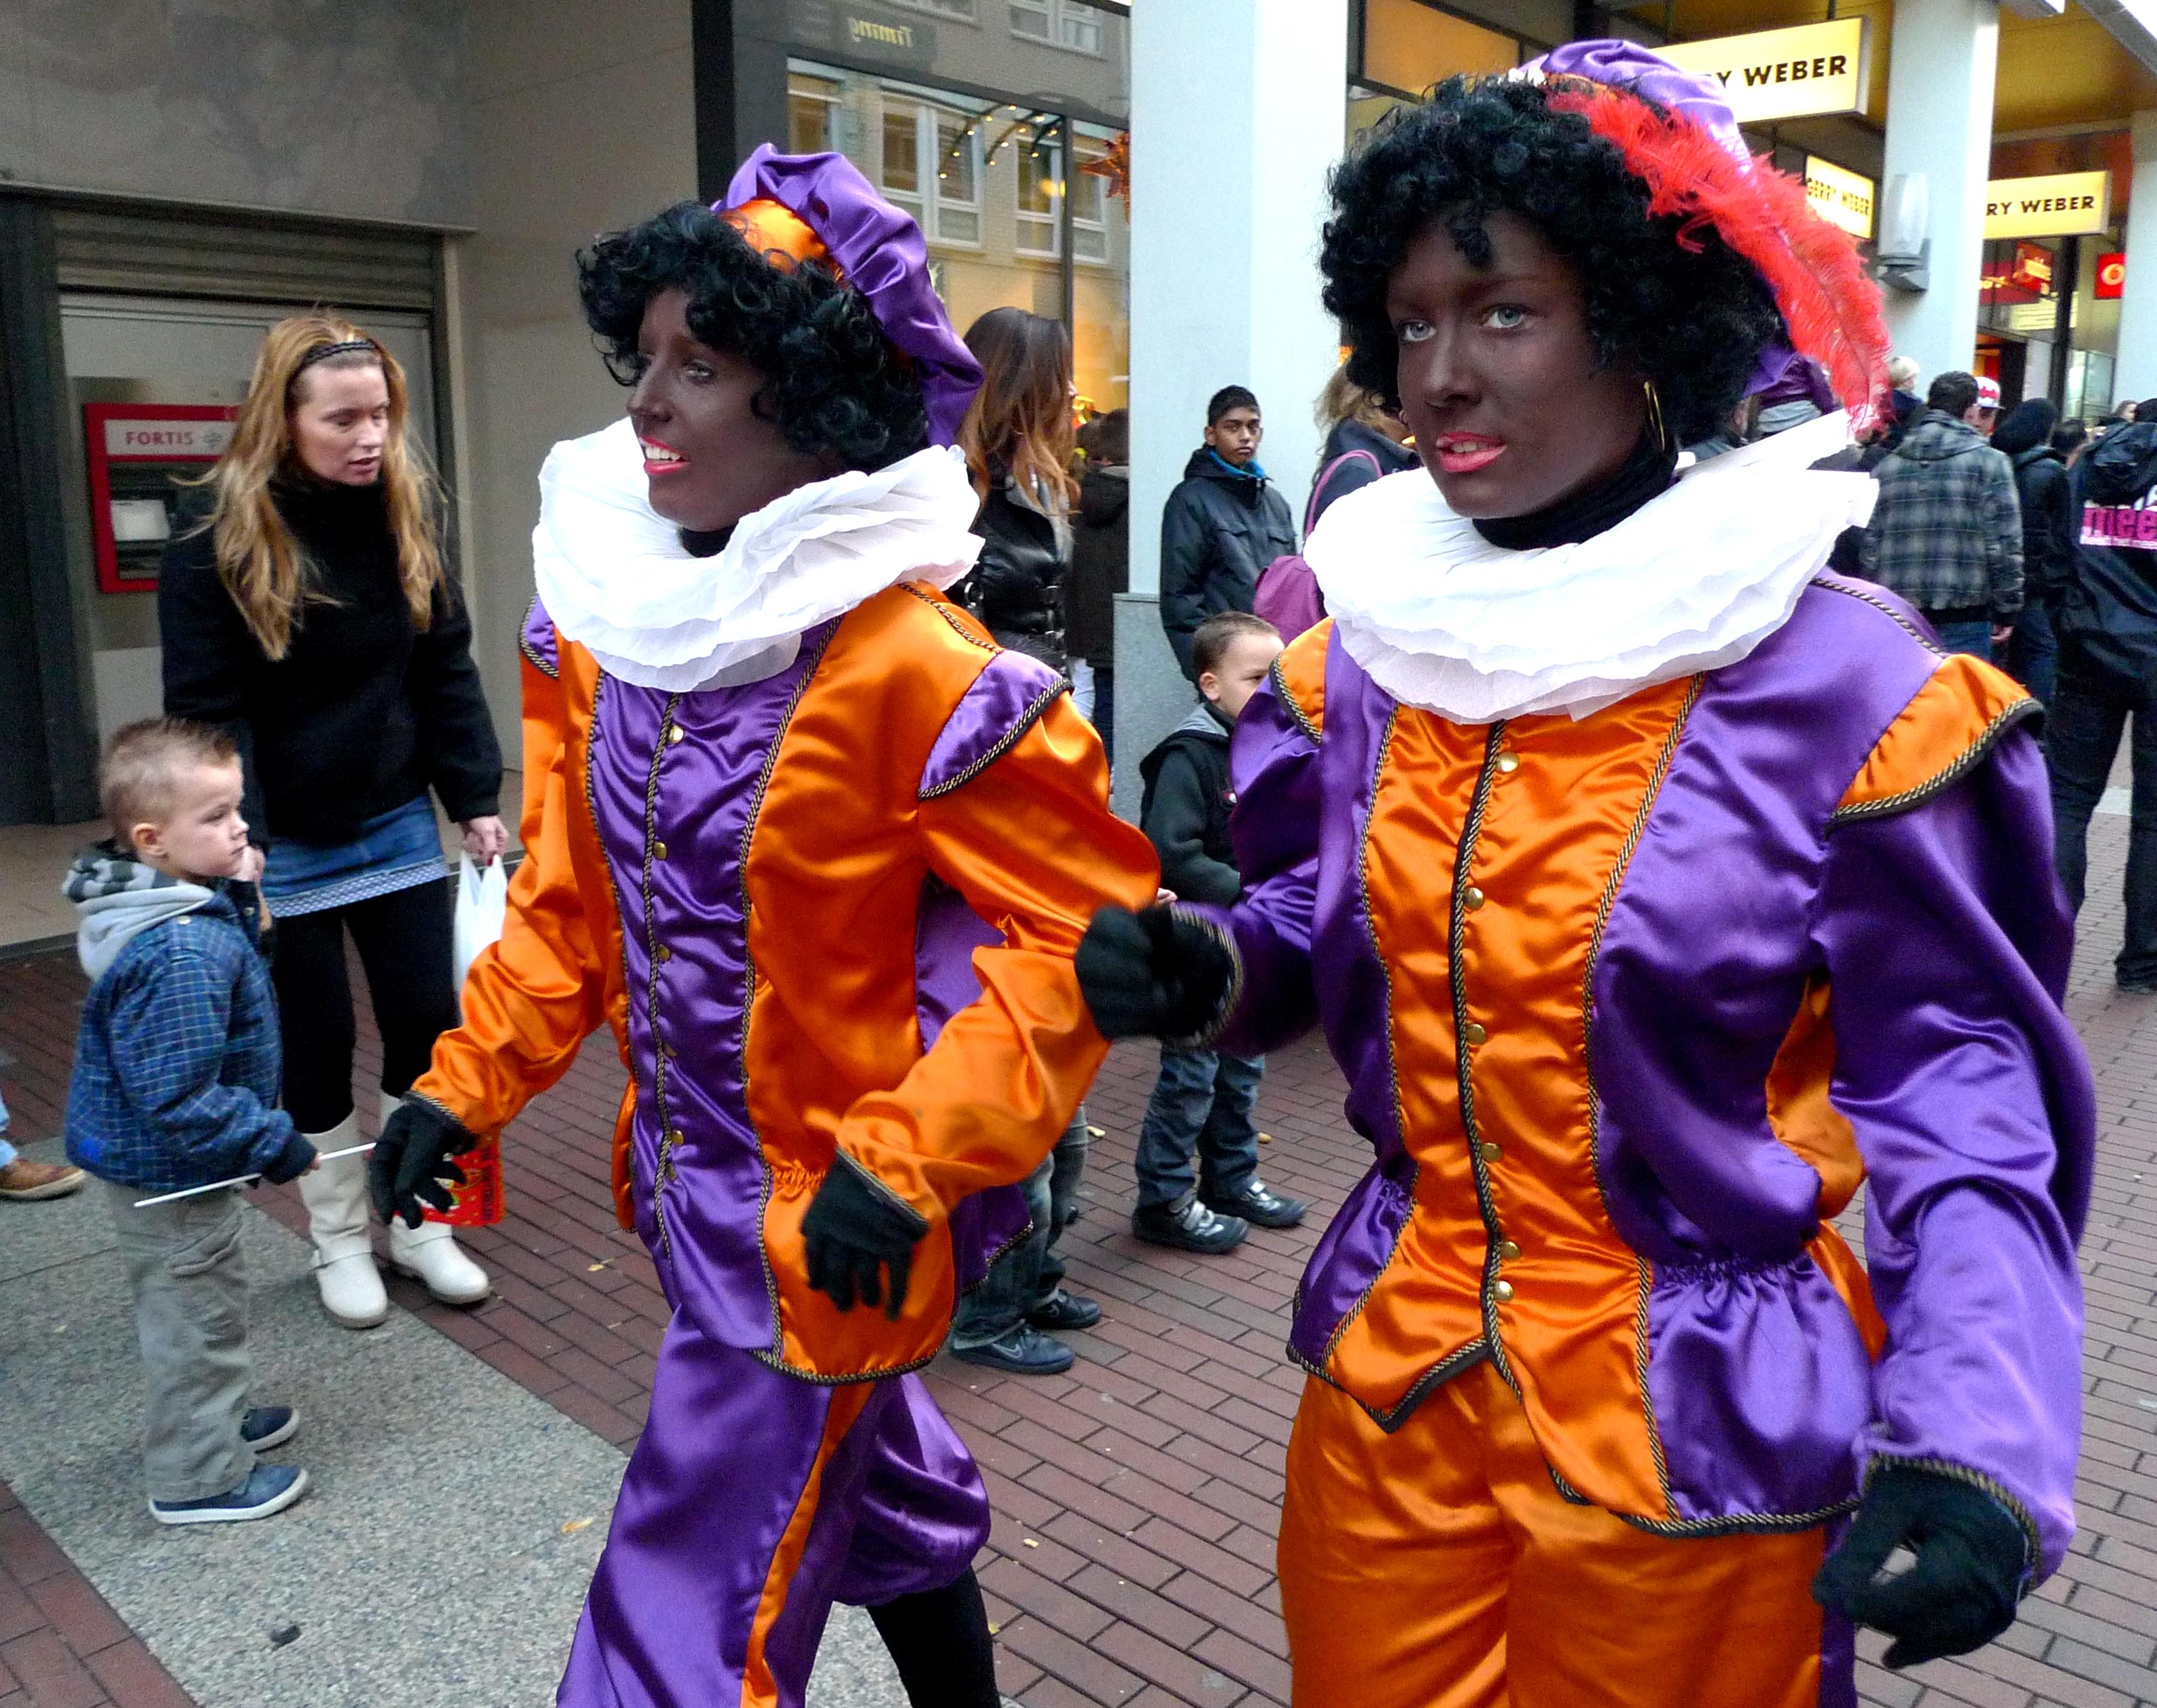 네덜란드에서 논란이 되고 있는 전통, Sinterklaas와 Zwarte Piet